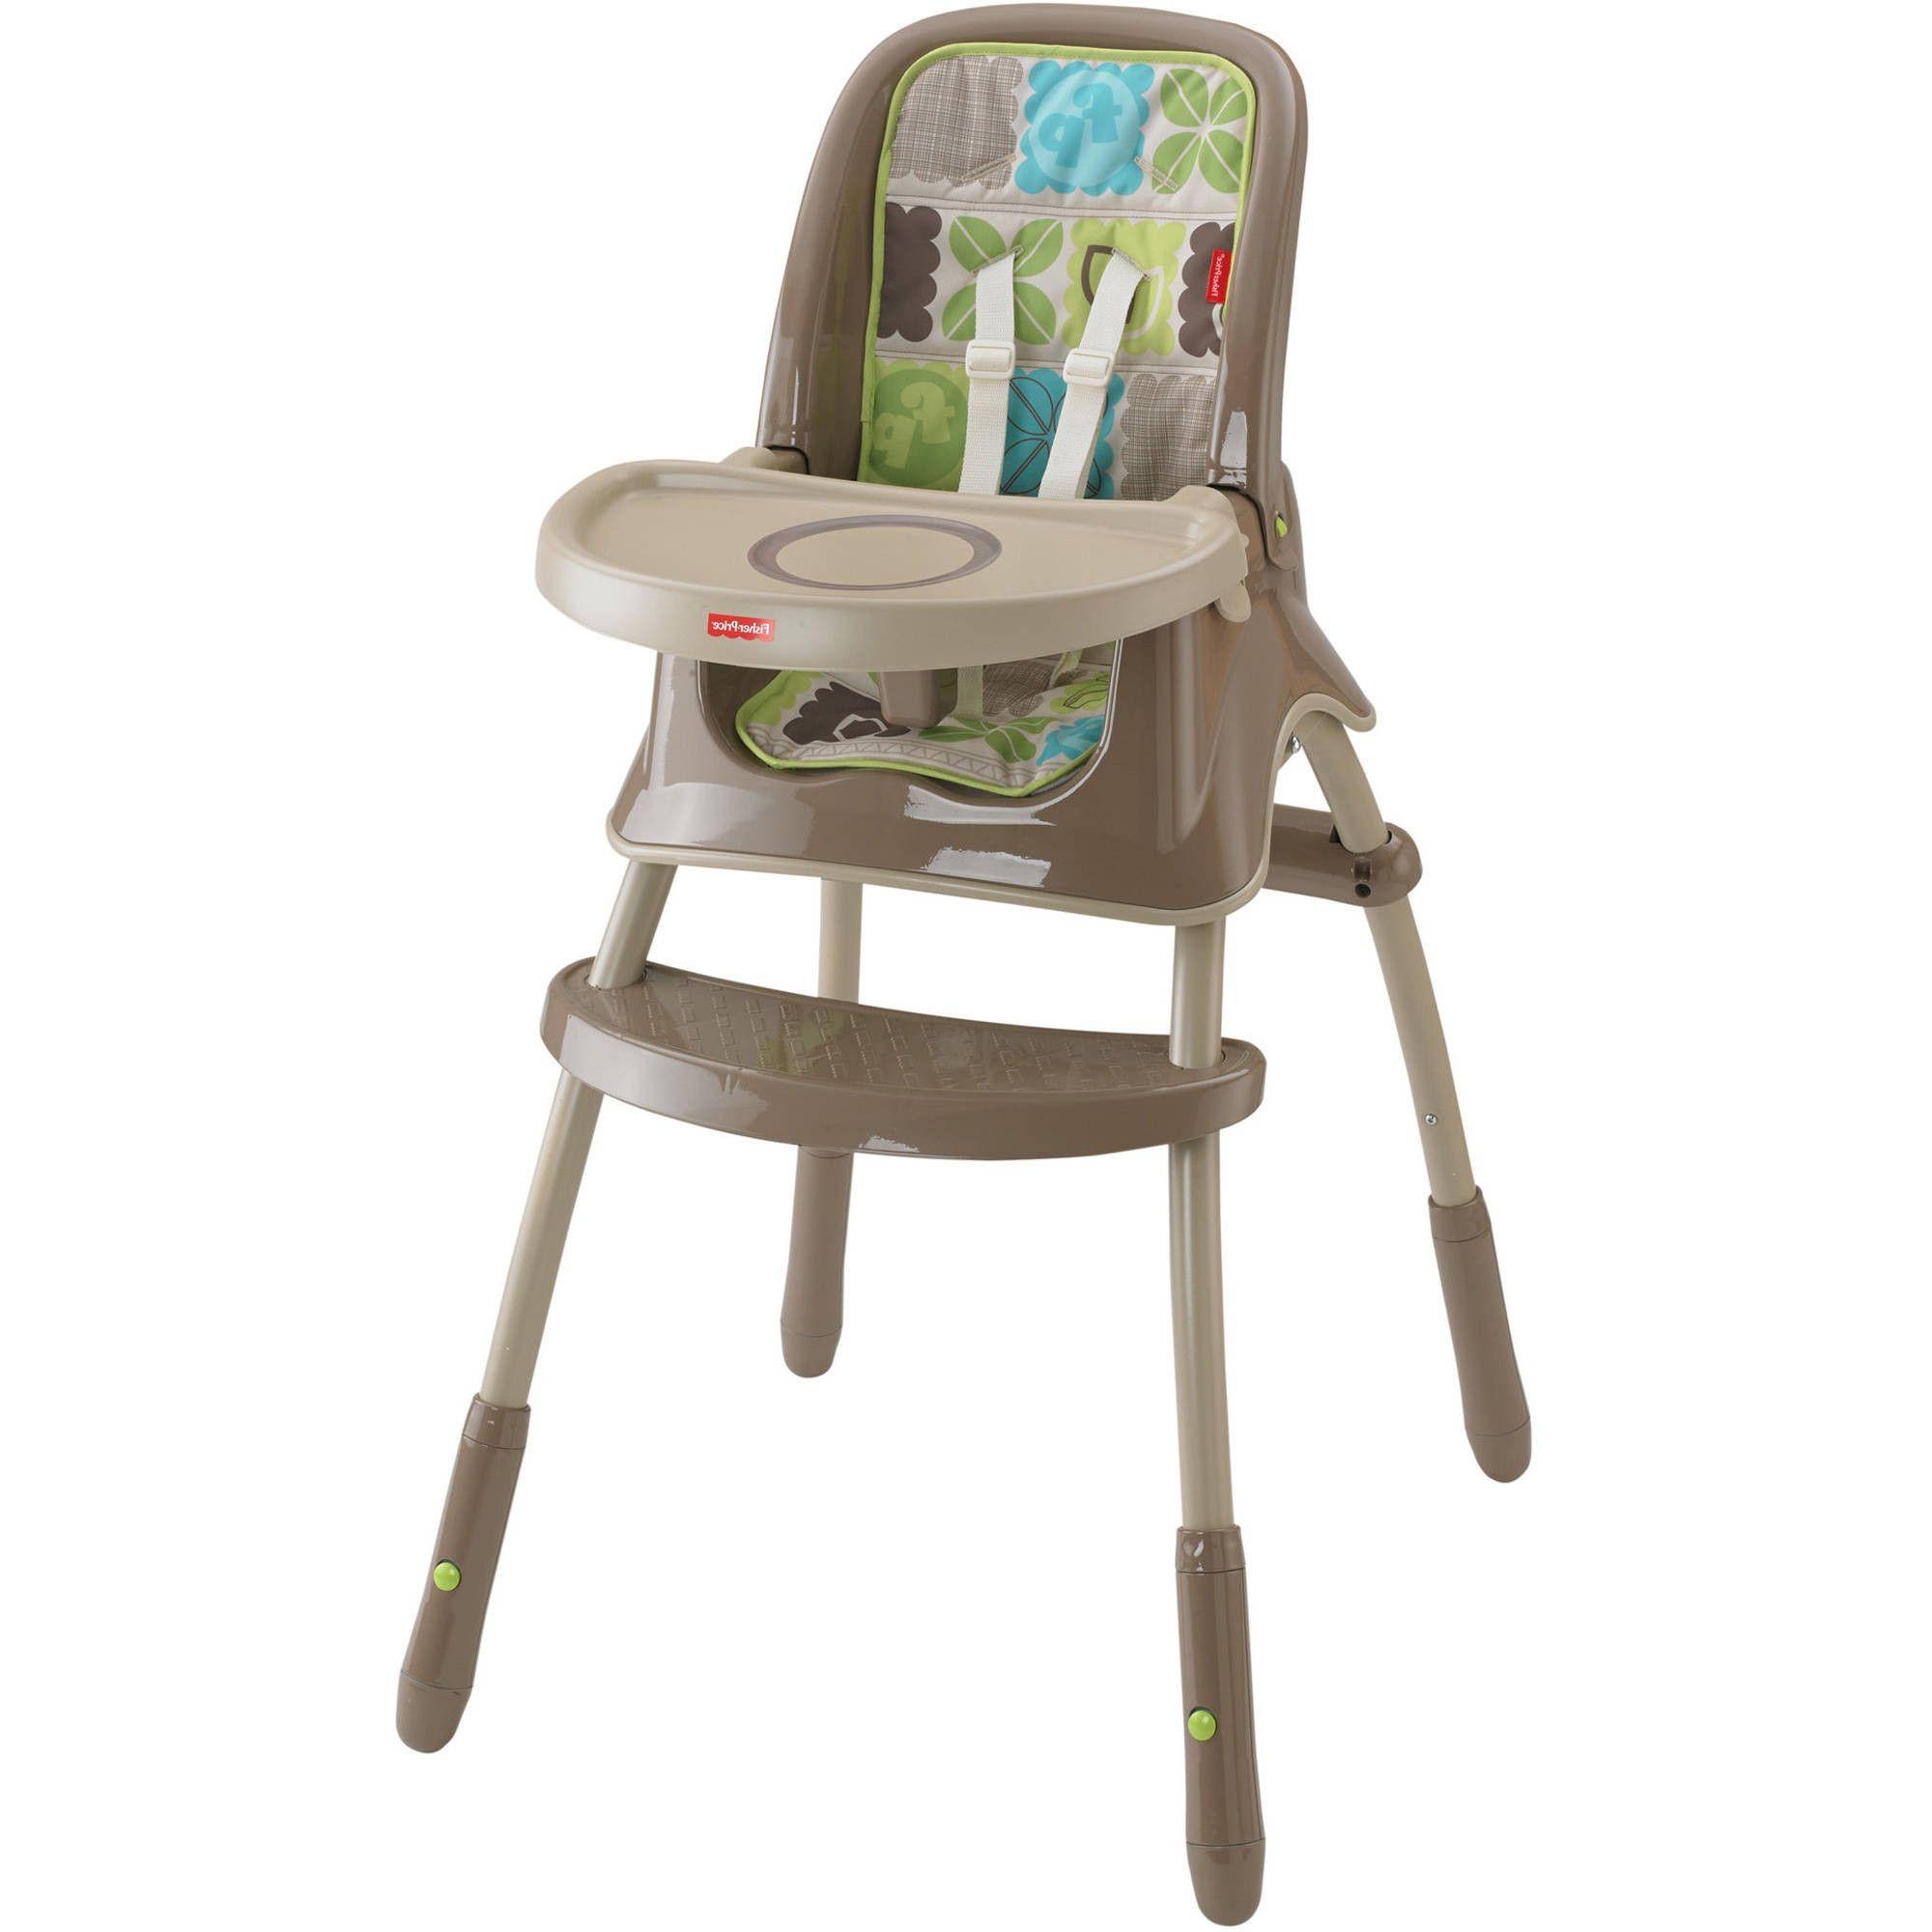 30 Elegant Chaise Haute Carrefour Tex Recommandations Housse De Couette Zippee Coussin Chaise Haute Chaise Pliante Bois